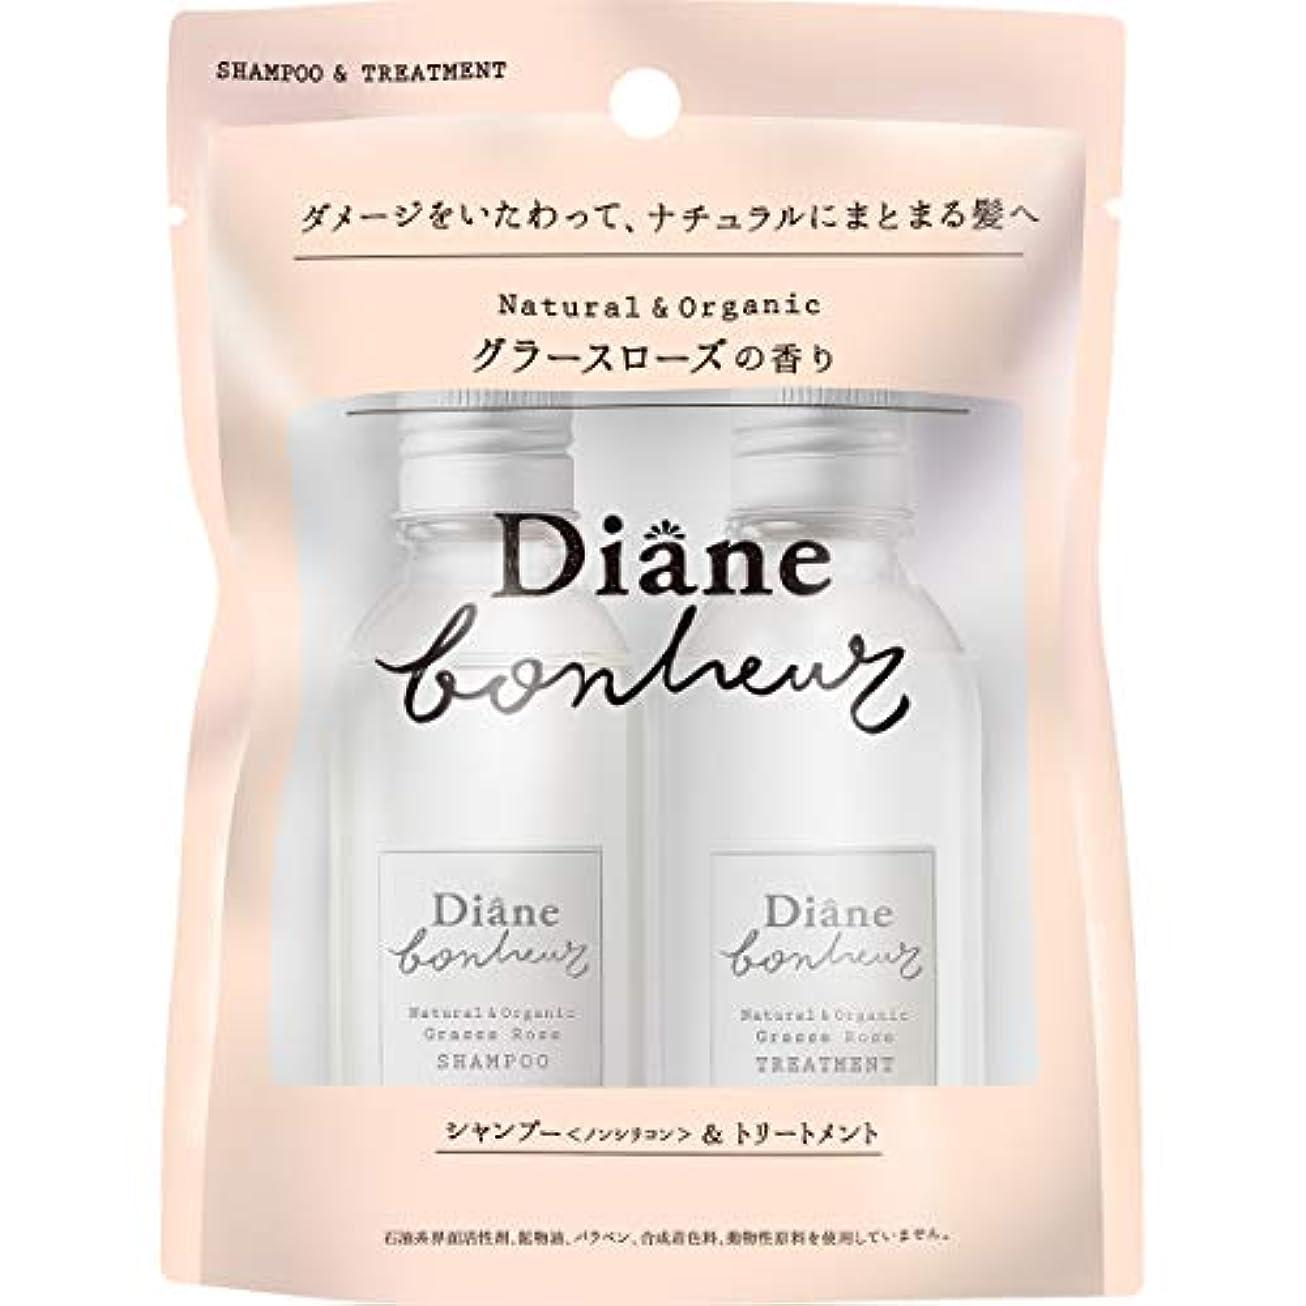 感性改善する正確ダイアン ボヌール グラースローズの香り ダメージリペア シャンプー&トリートメント トライアル 40ml×2